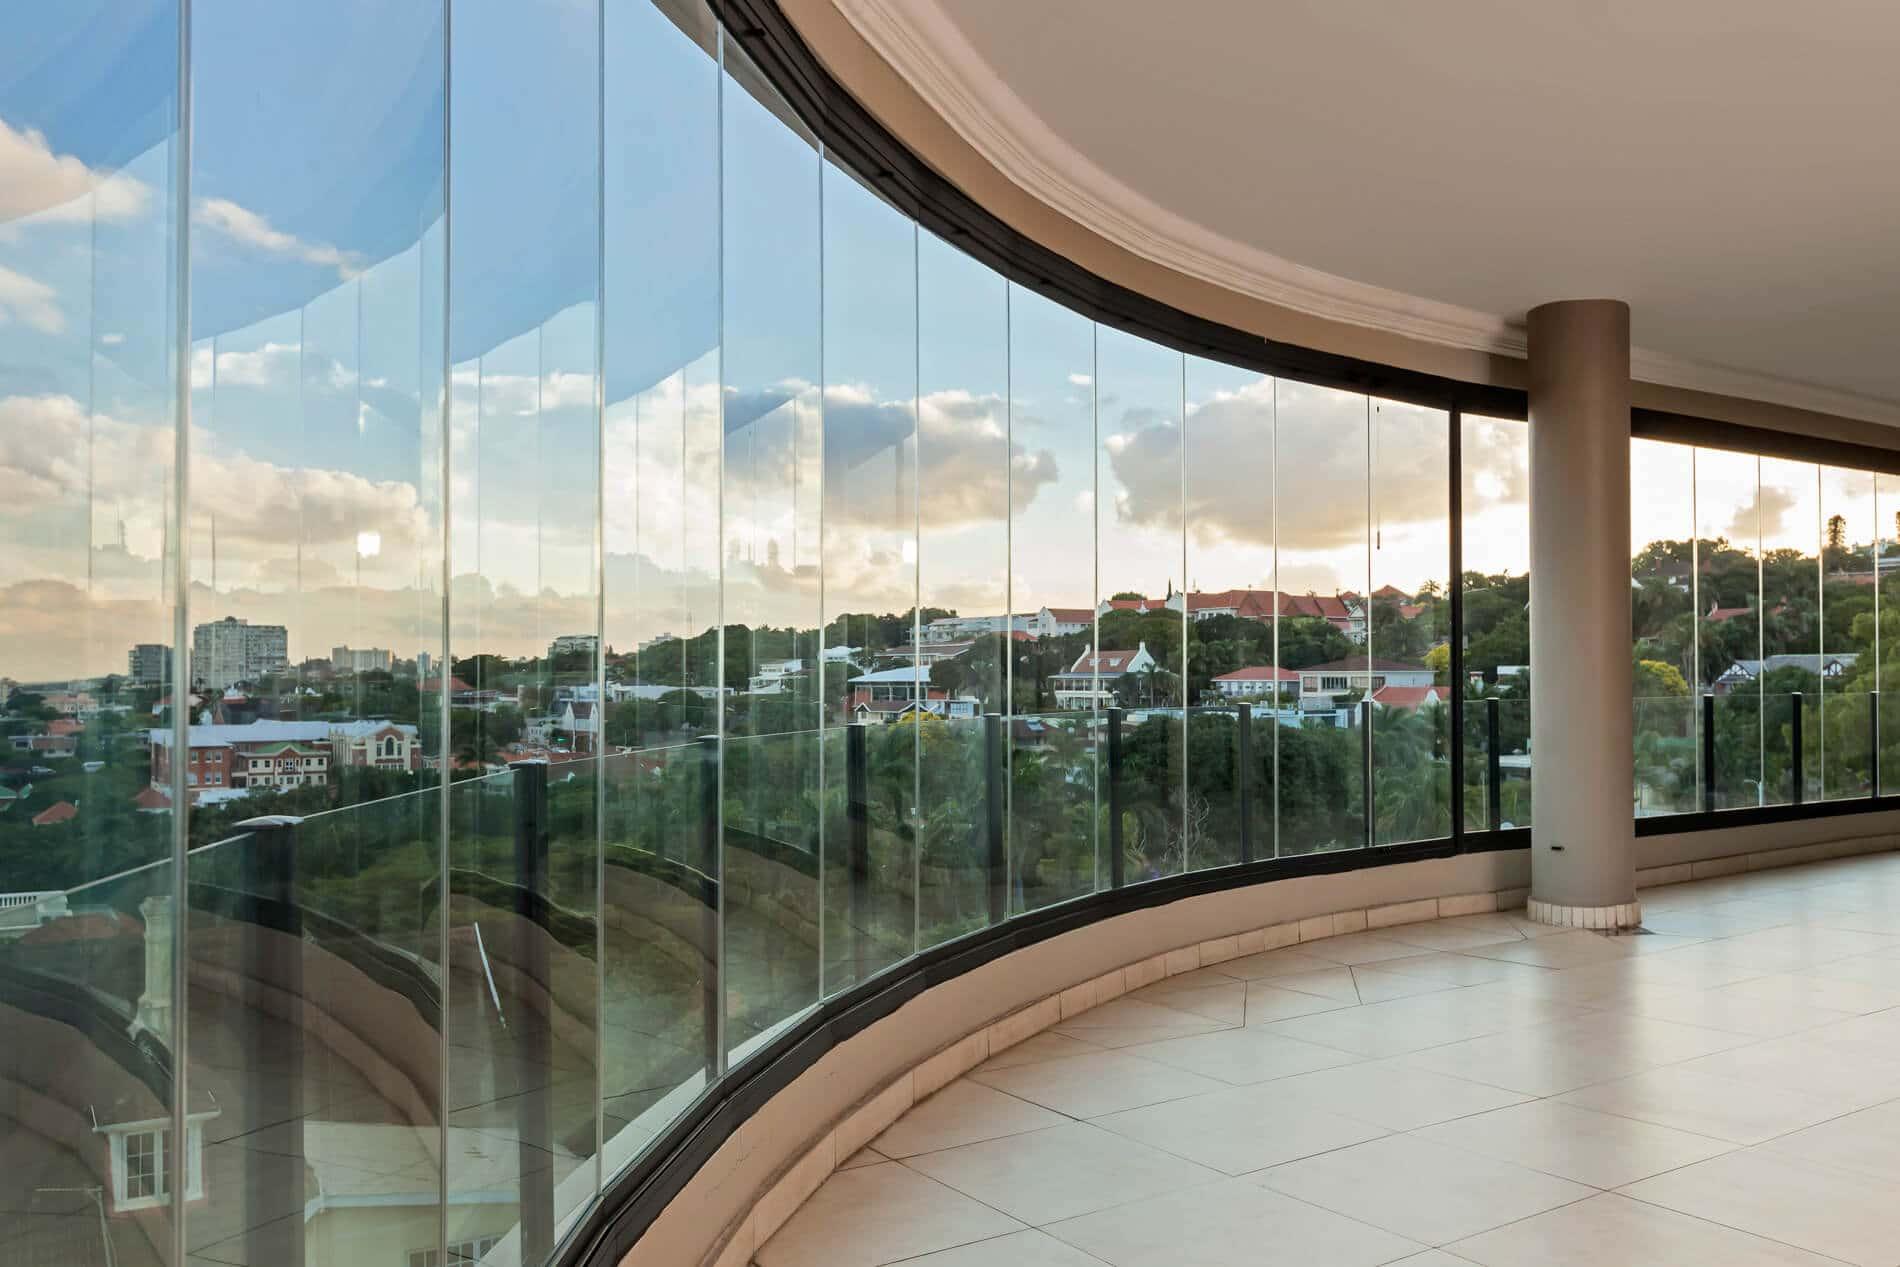 Schiebe-Dreh-Wände aus Glas für Balkon